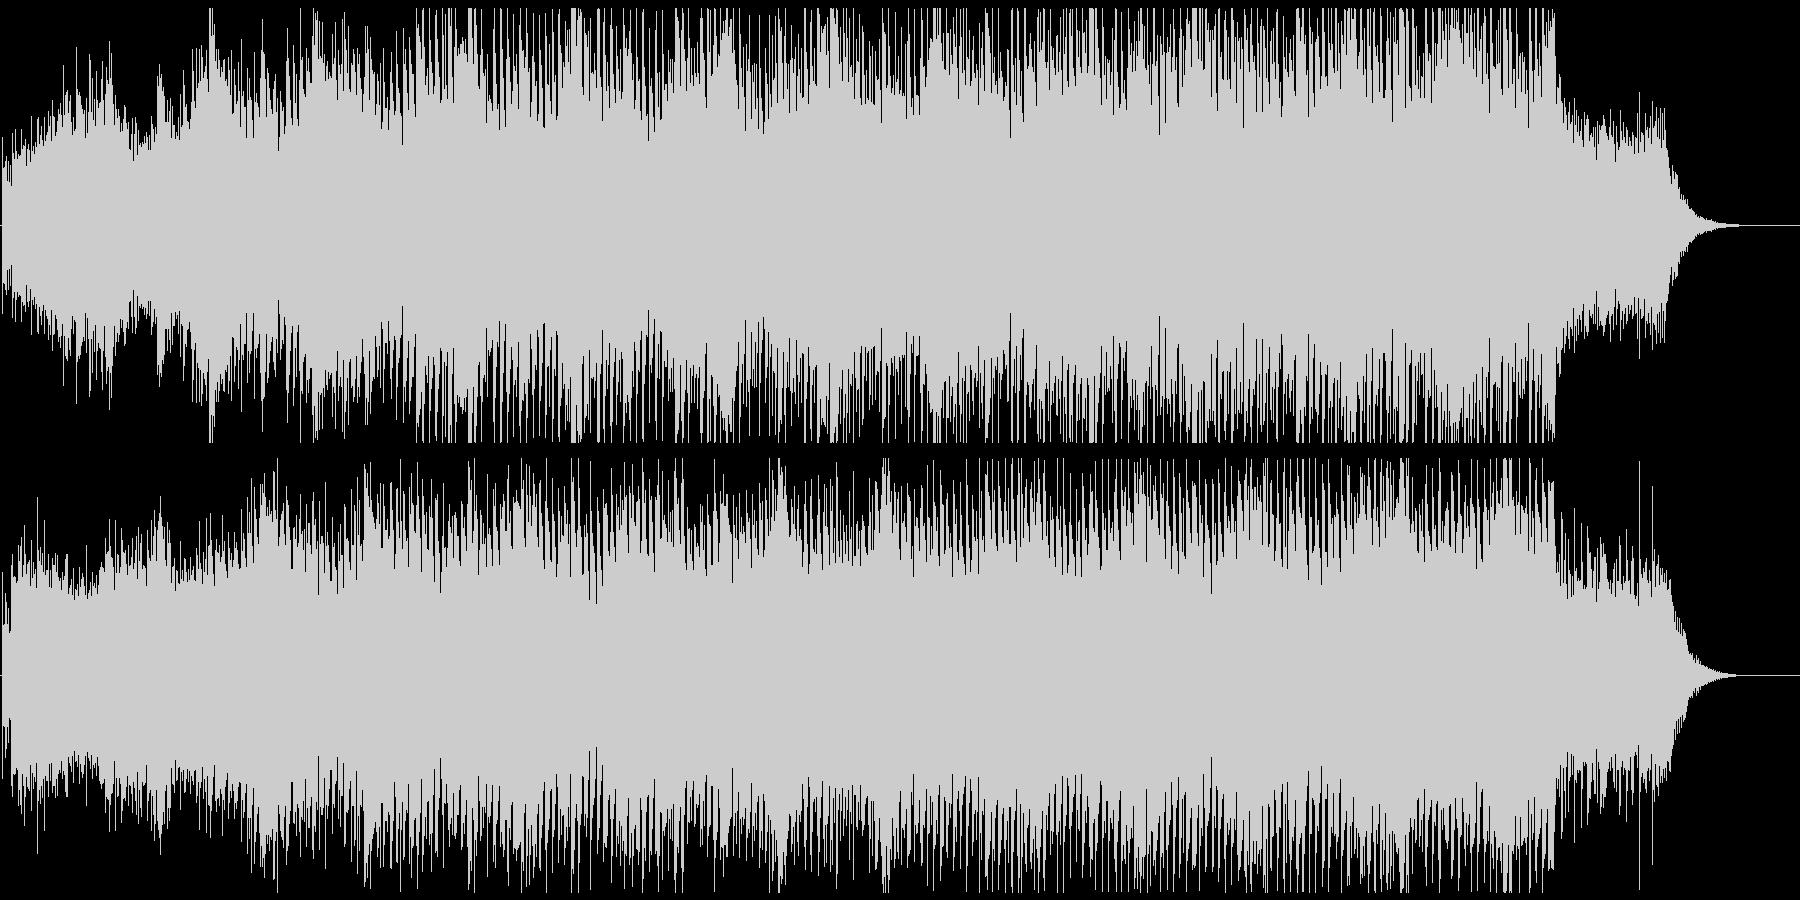 オープニングアクト盛り上げ ソフトロックの未再生の波形